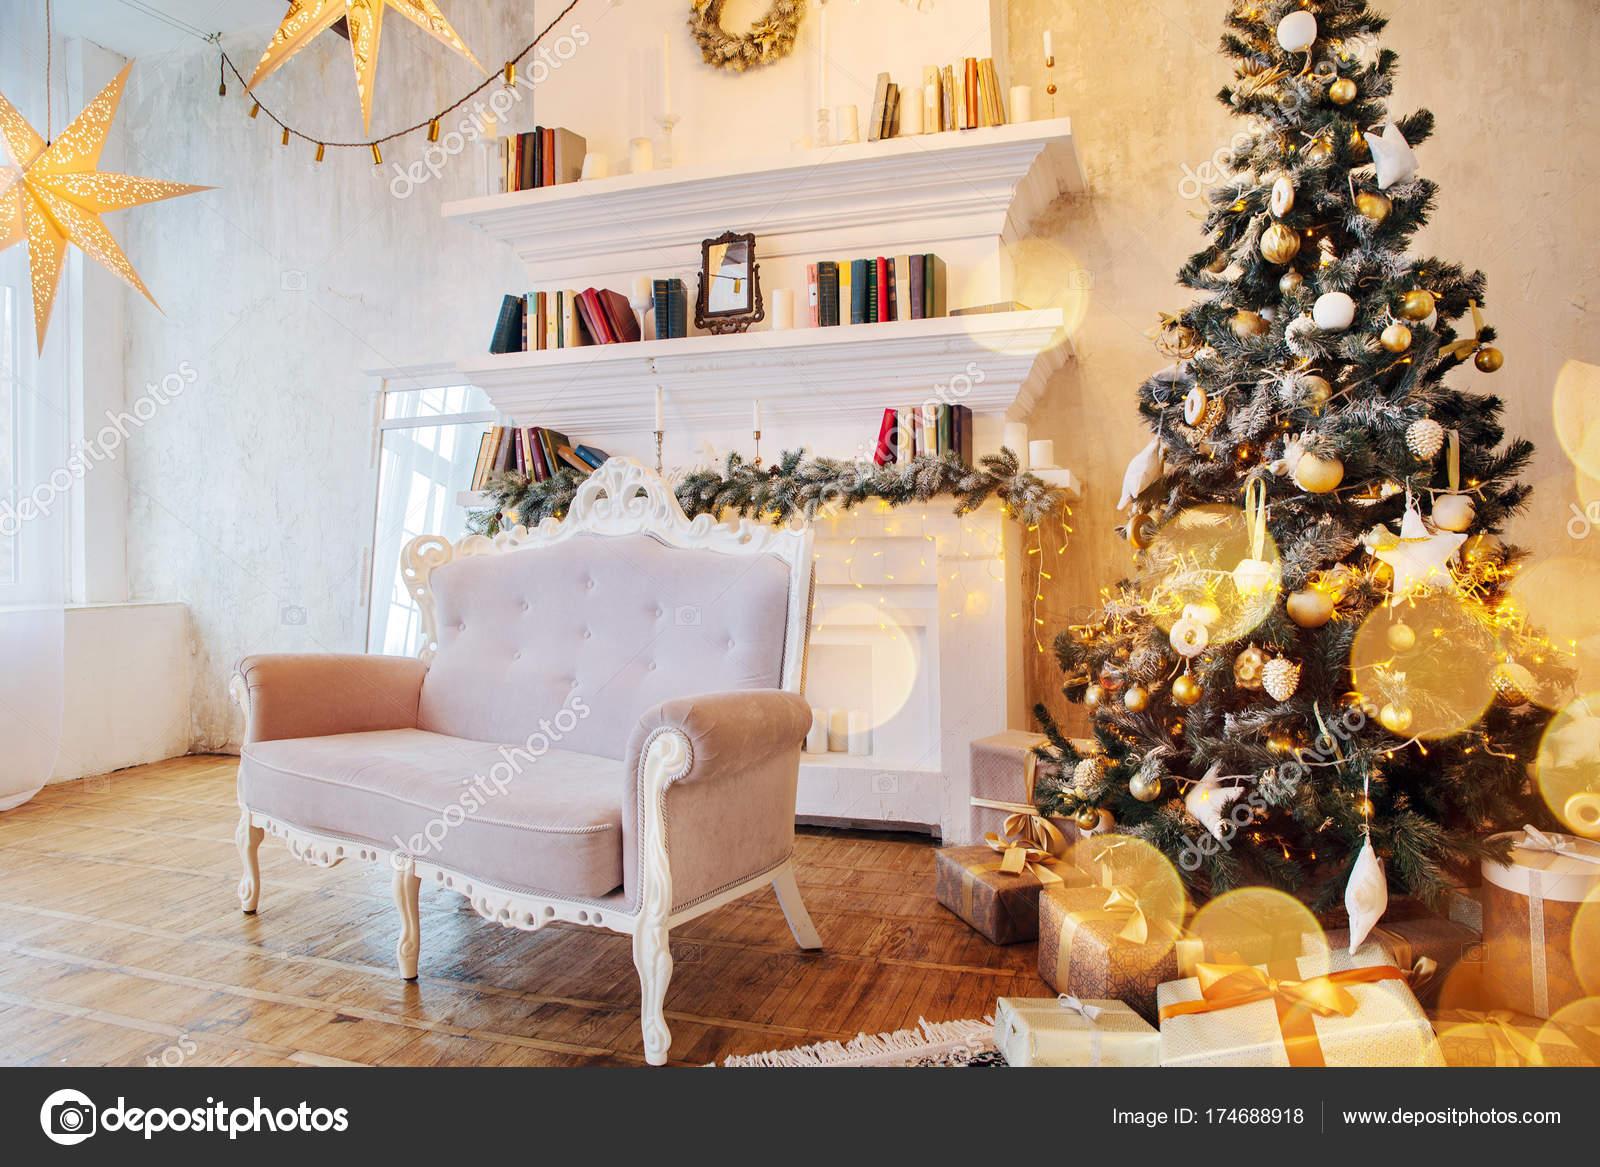 Decorazioni Sala Natale : Interno della splendida sala con decorazioni di natale u2014 foto stock